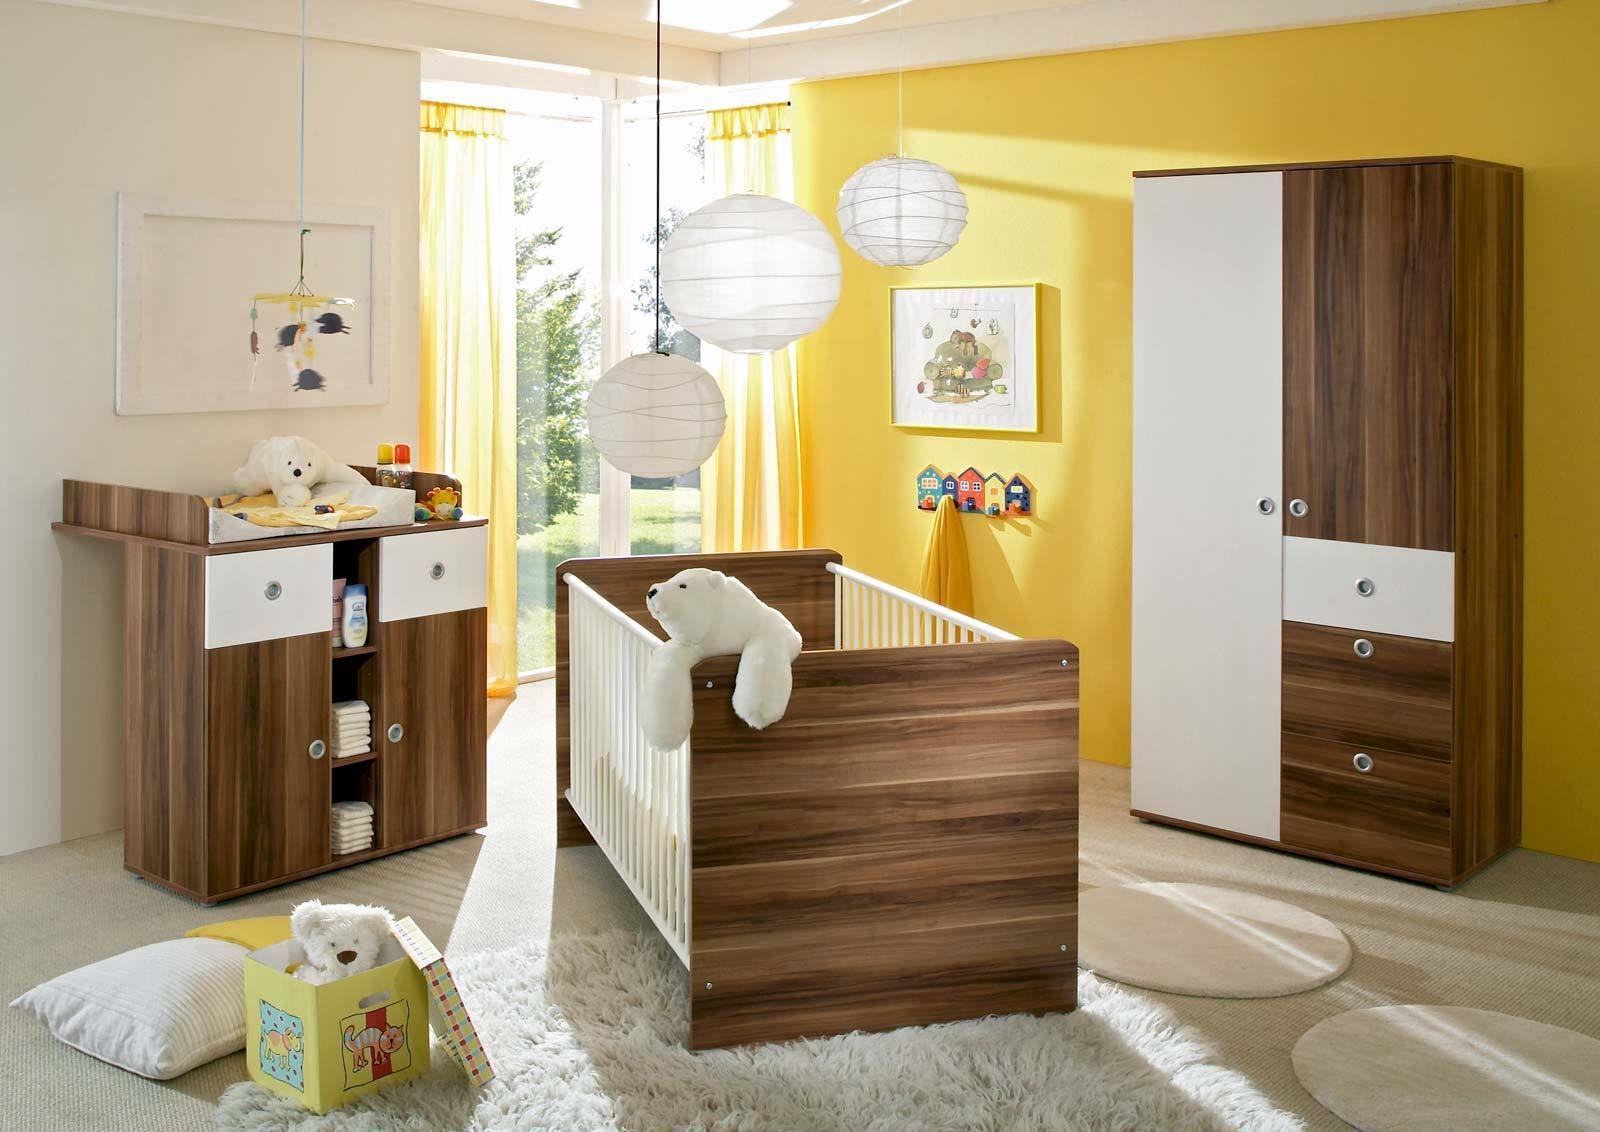 kinderzimmer babyzimmer wiki 1 in walnuss wei. Black Bedroom Furniture Sets. Home Design Ideas